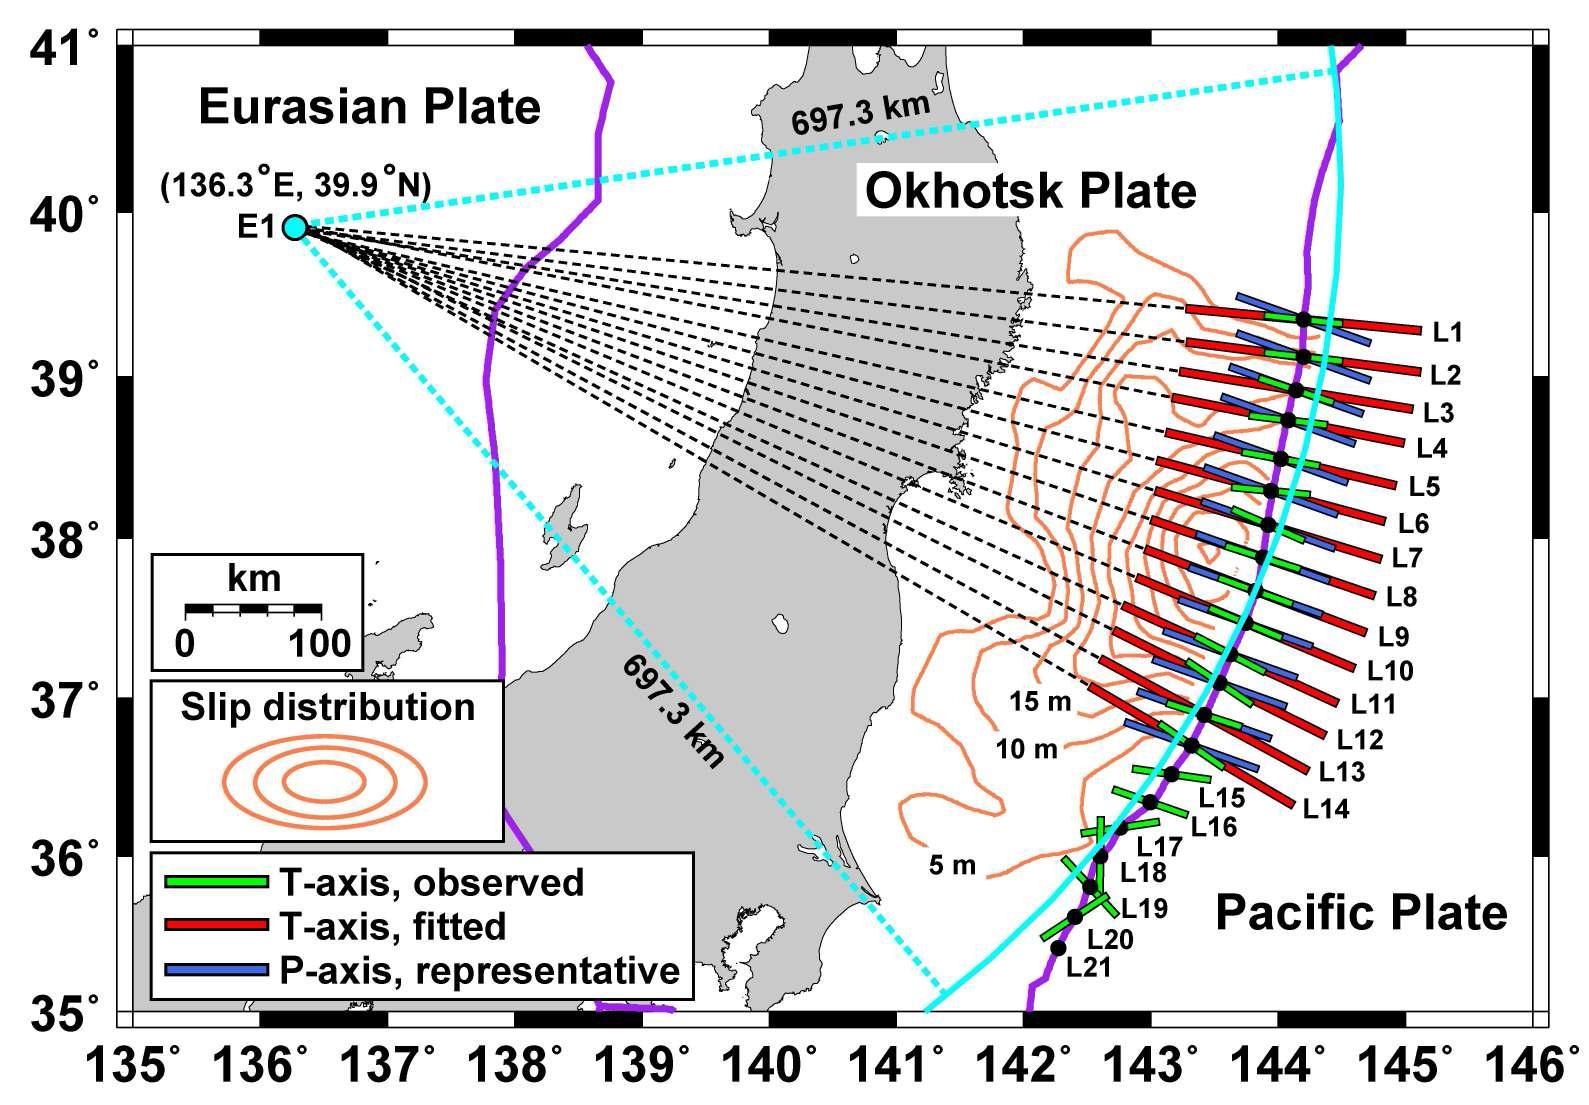 정단층 지진의 겉보기 장력 축 방향: 장력 축 방향은 후배호 해안 지역에서의 겉보기 극점을 향하고 있다.